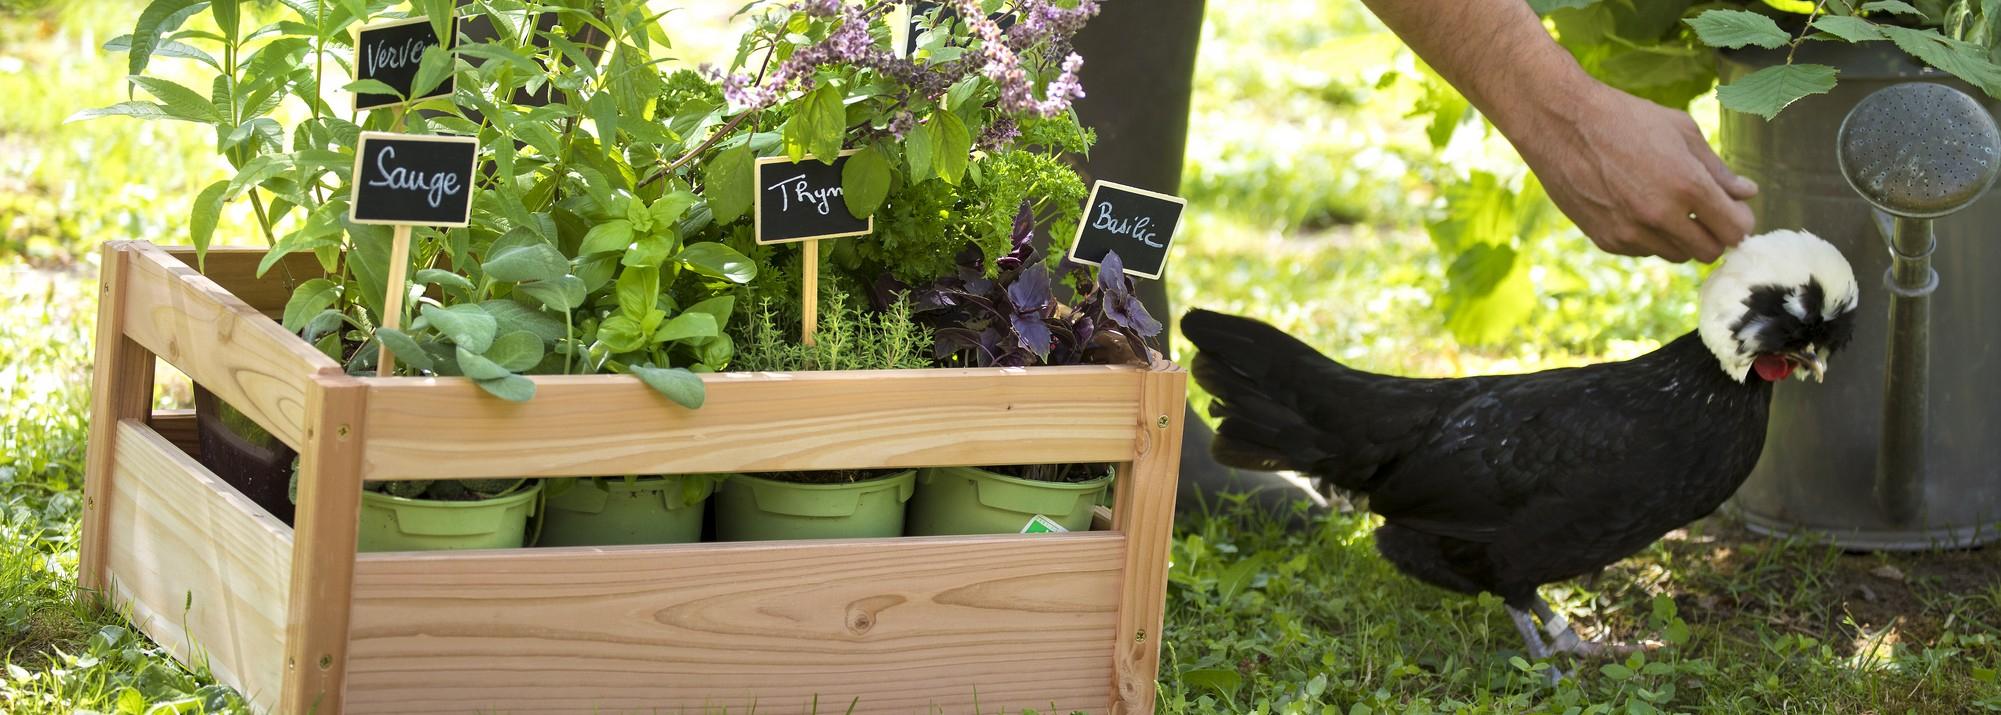 Ventes Privées Botanic® : Une Sélection De Produits Pour Le ... destiné Vente Privee Jardin